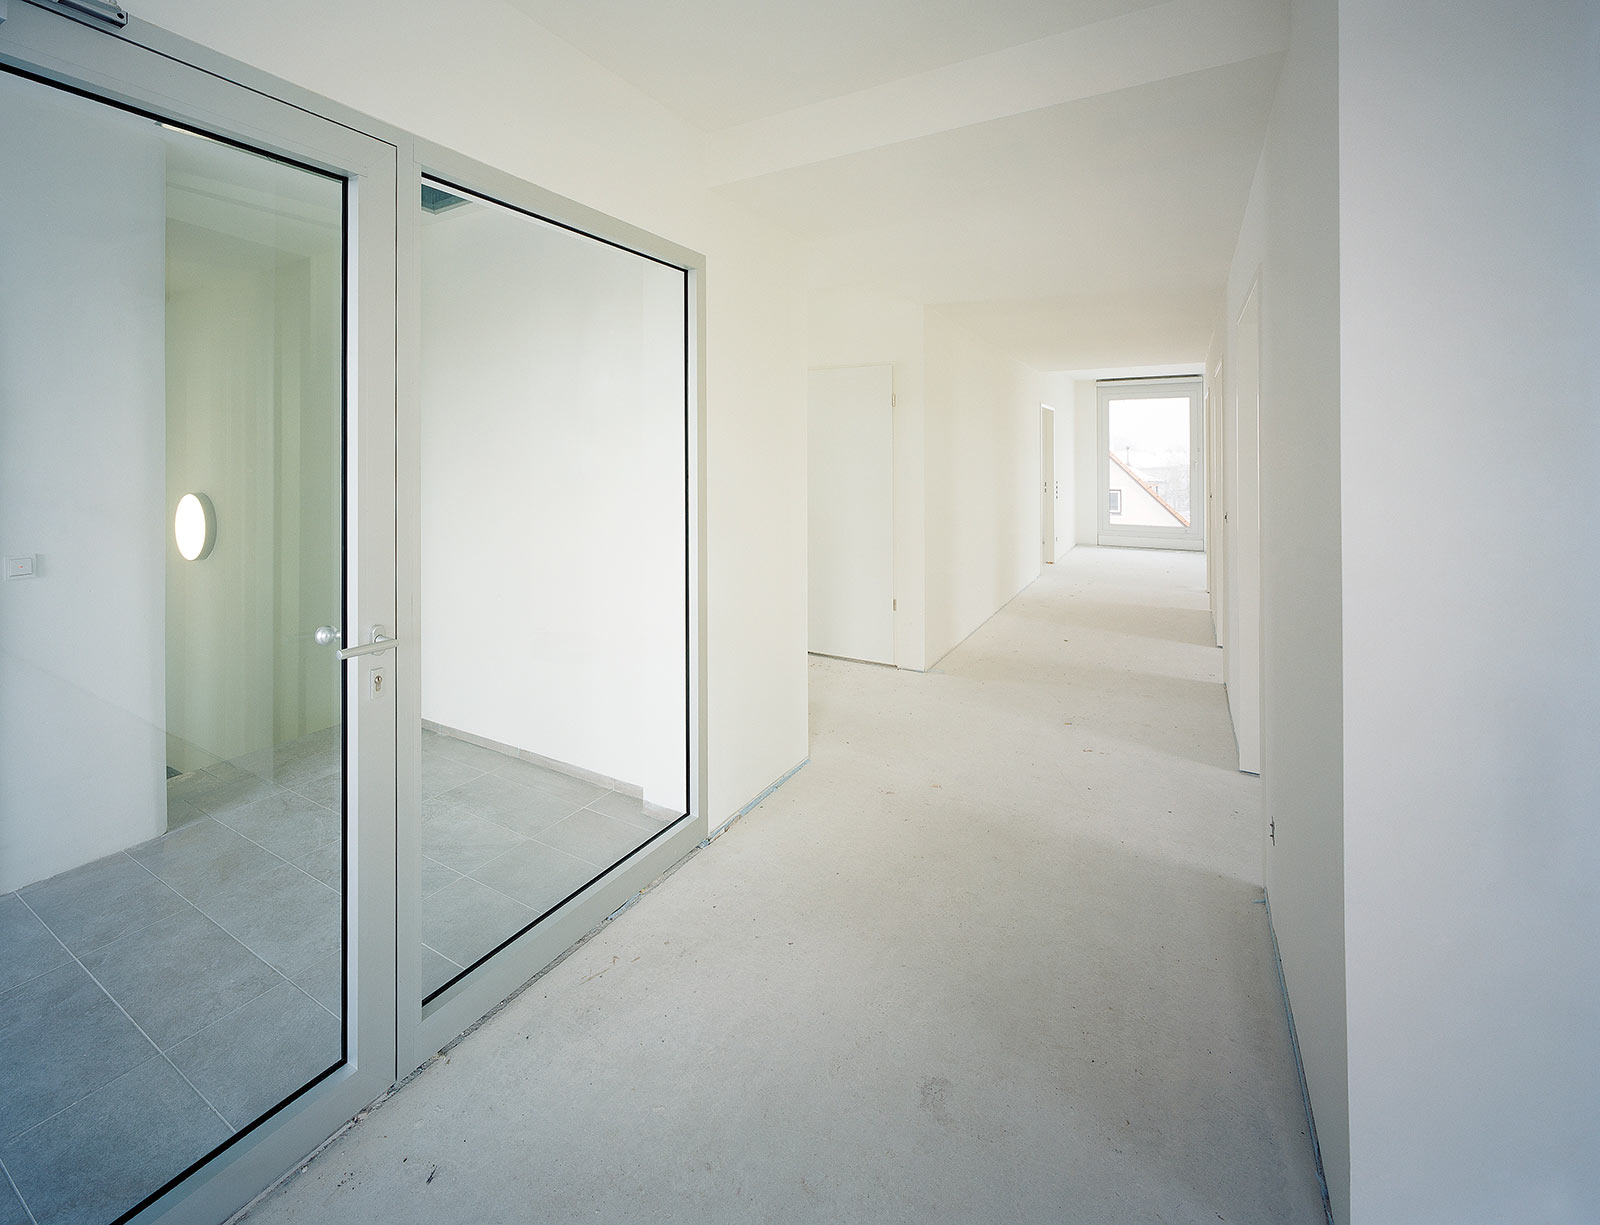 wbs starnberg stark architekten. Black Bedroom Furniture Sets. Home Design Ideas